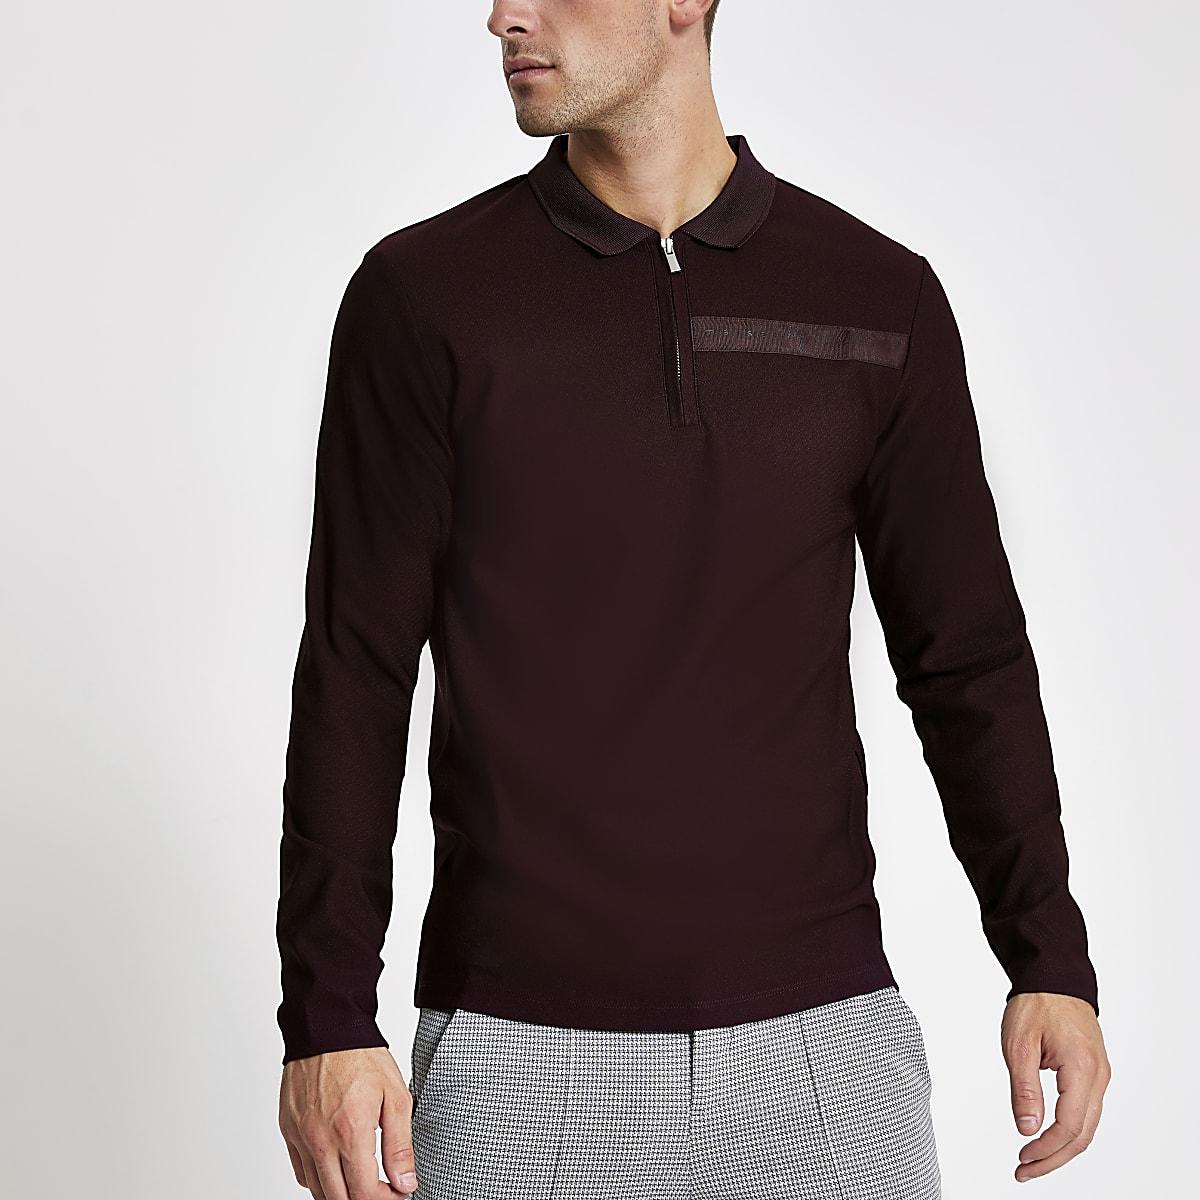 Purple Maison Riveria tape knitted polo shirt